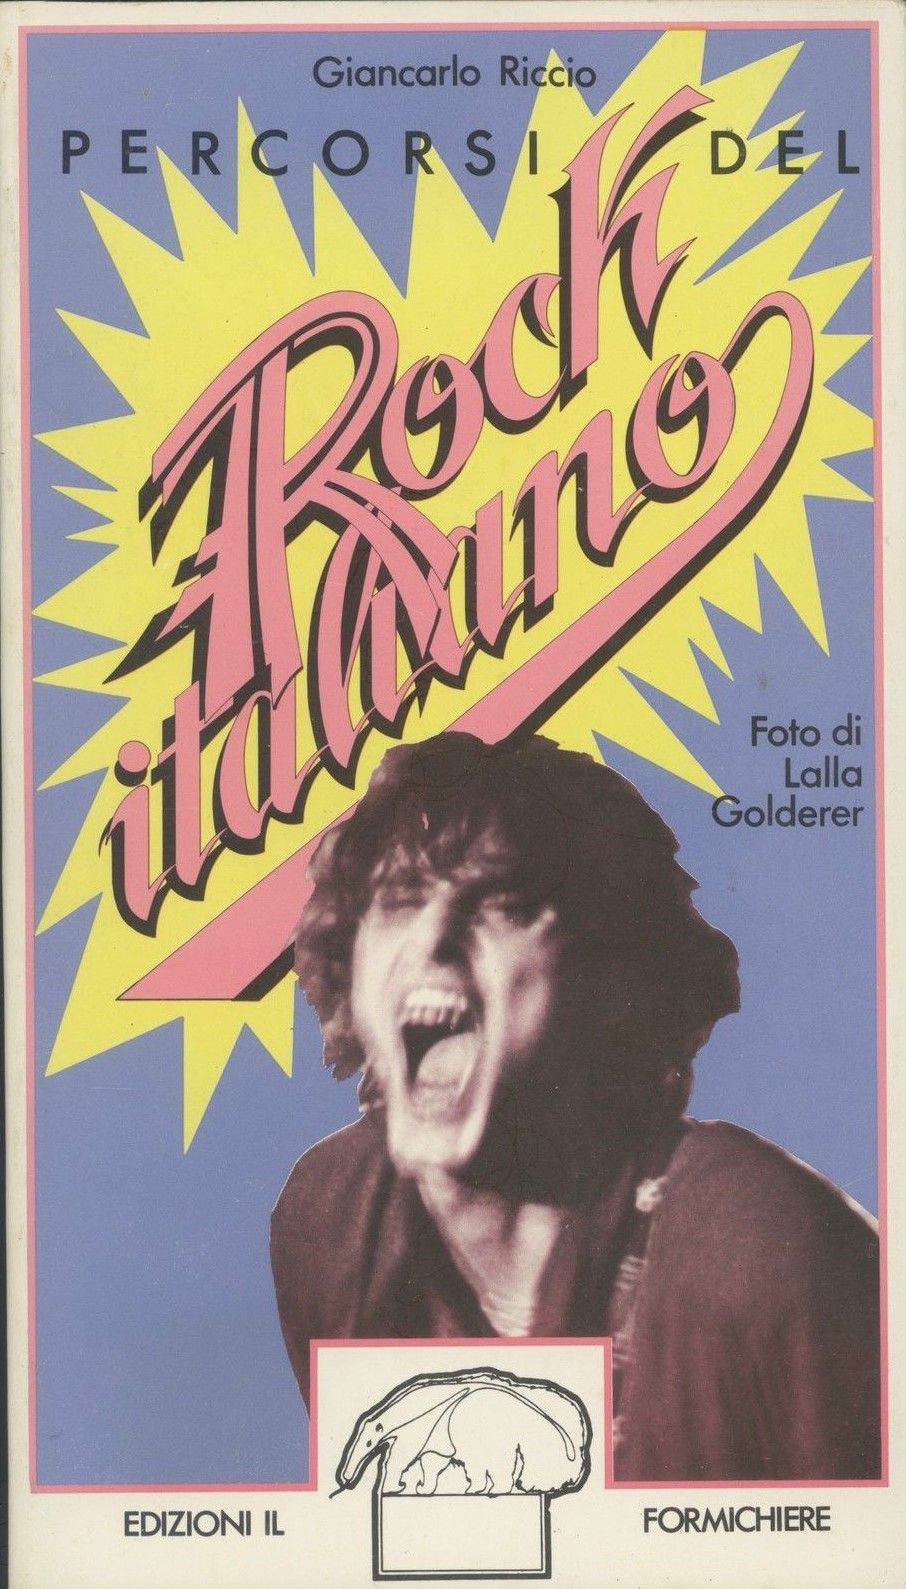 """""""Percorsi del Rock italiano"""" di Giancarlo Riccio al mercatino"""